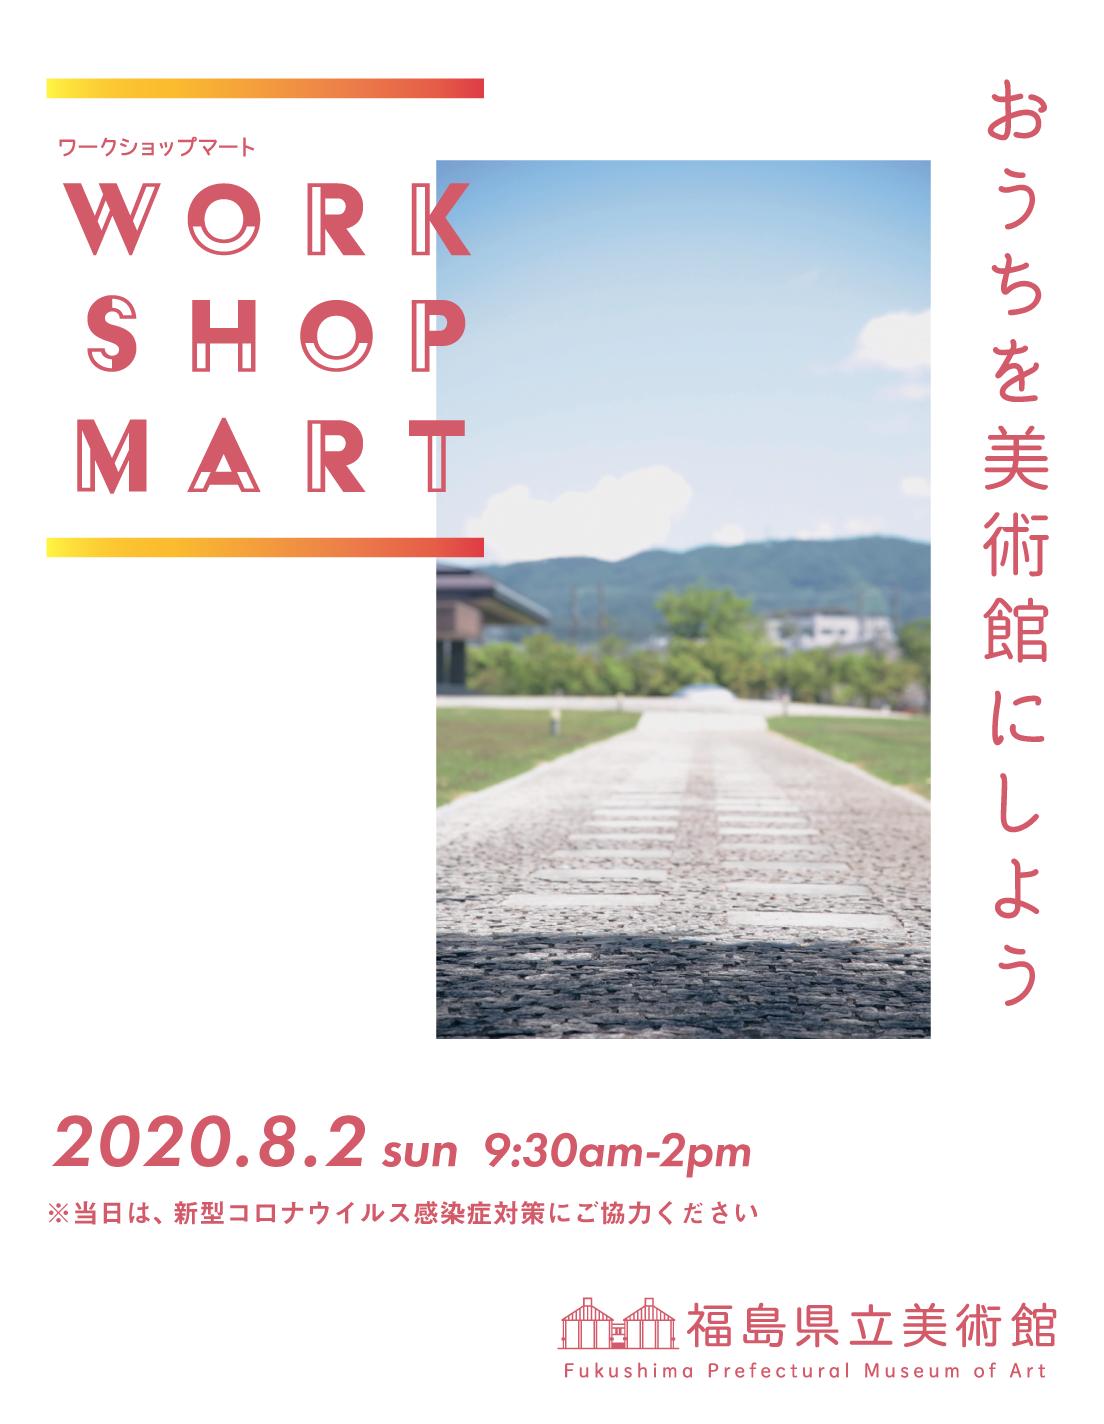 Workshop mart 2020